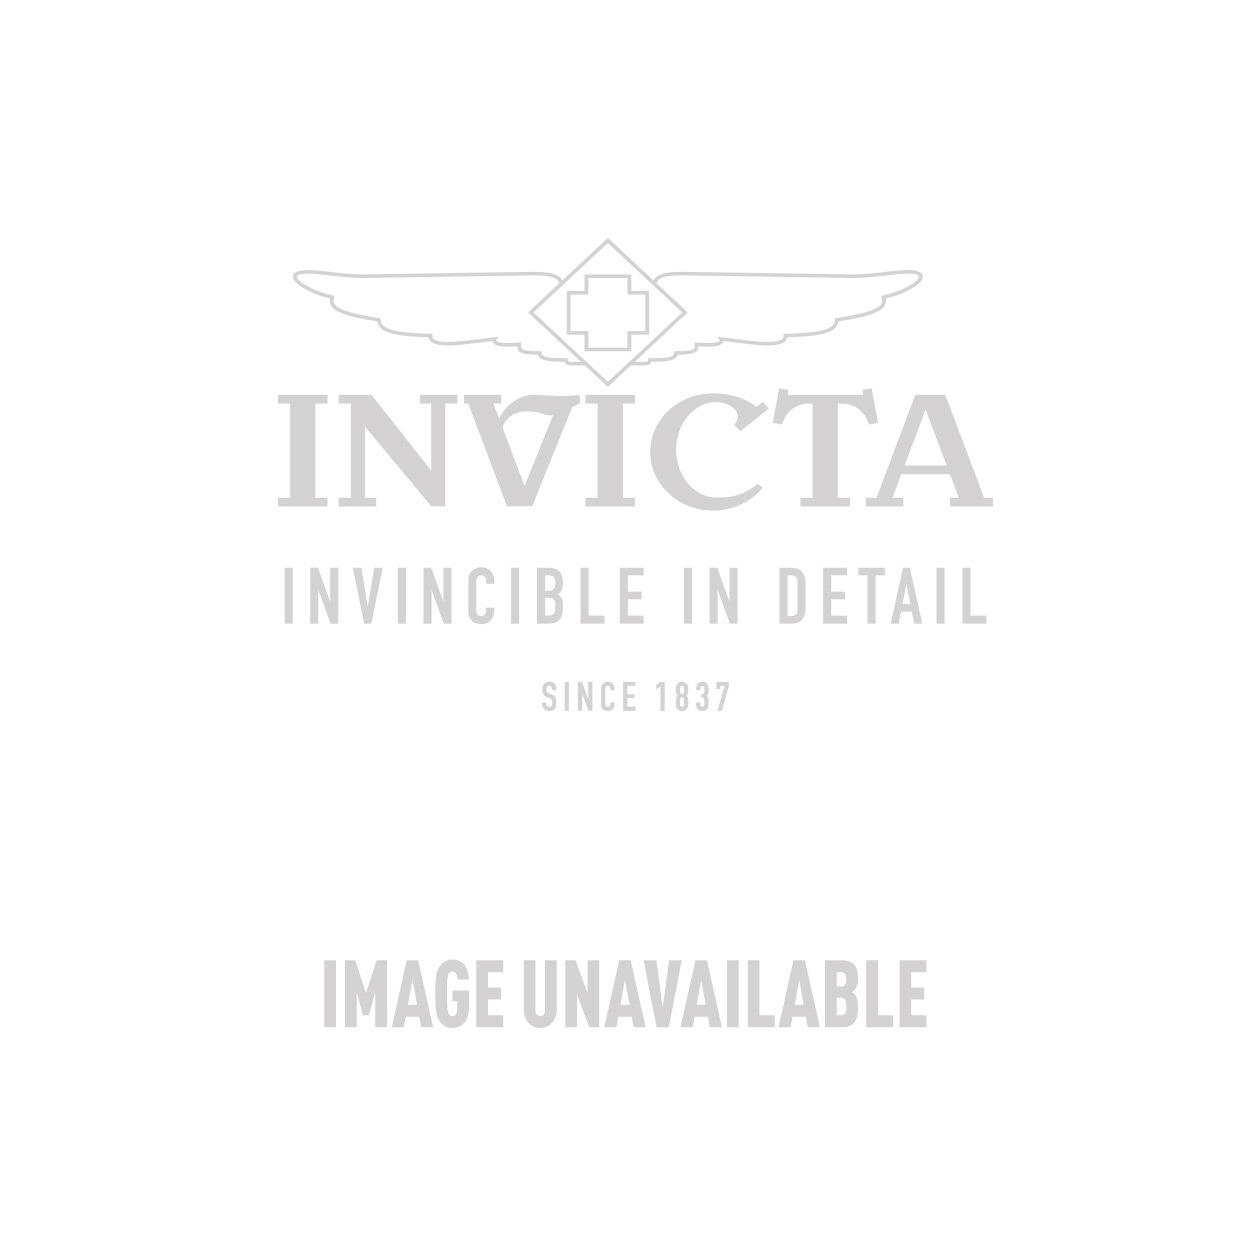 Invicta Model 25549